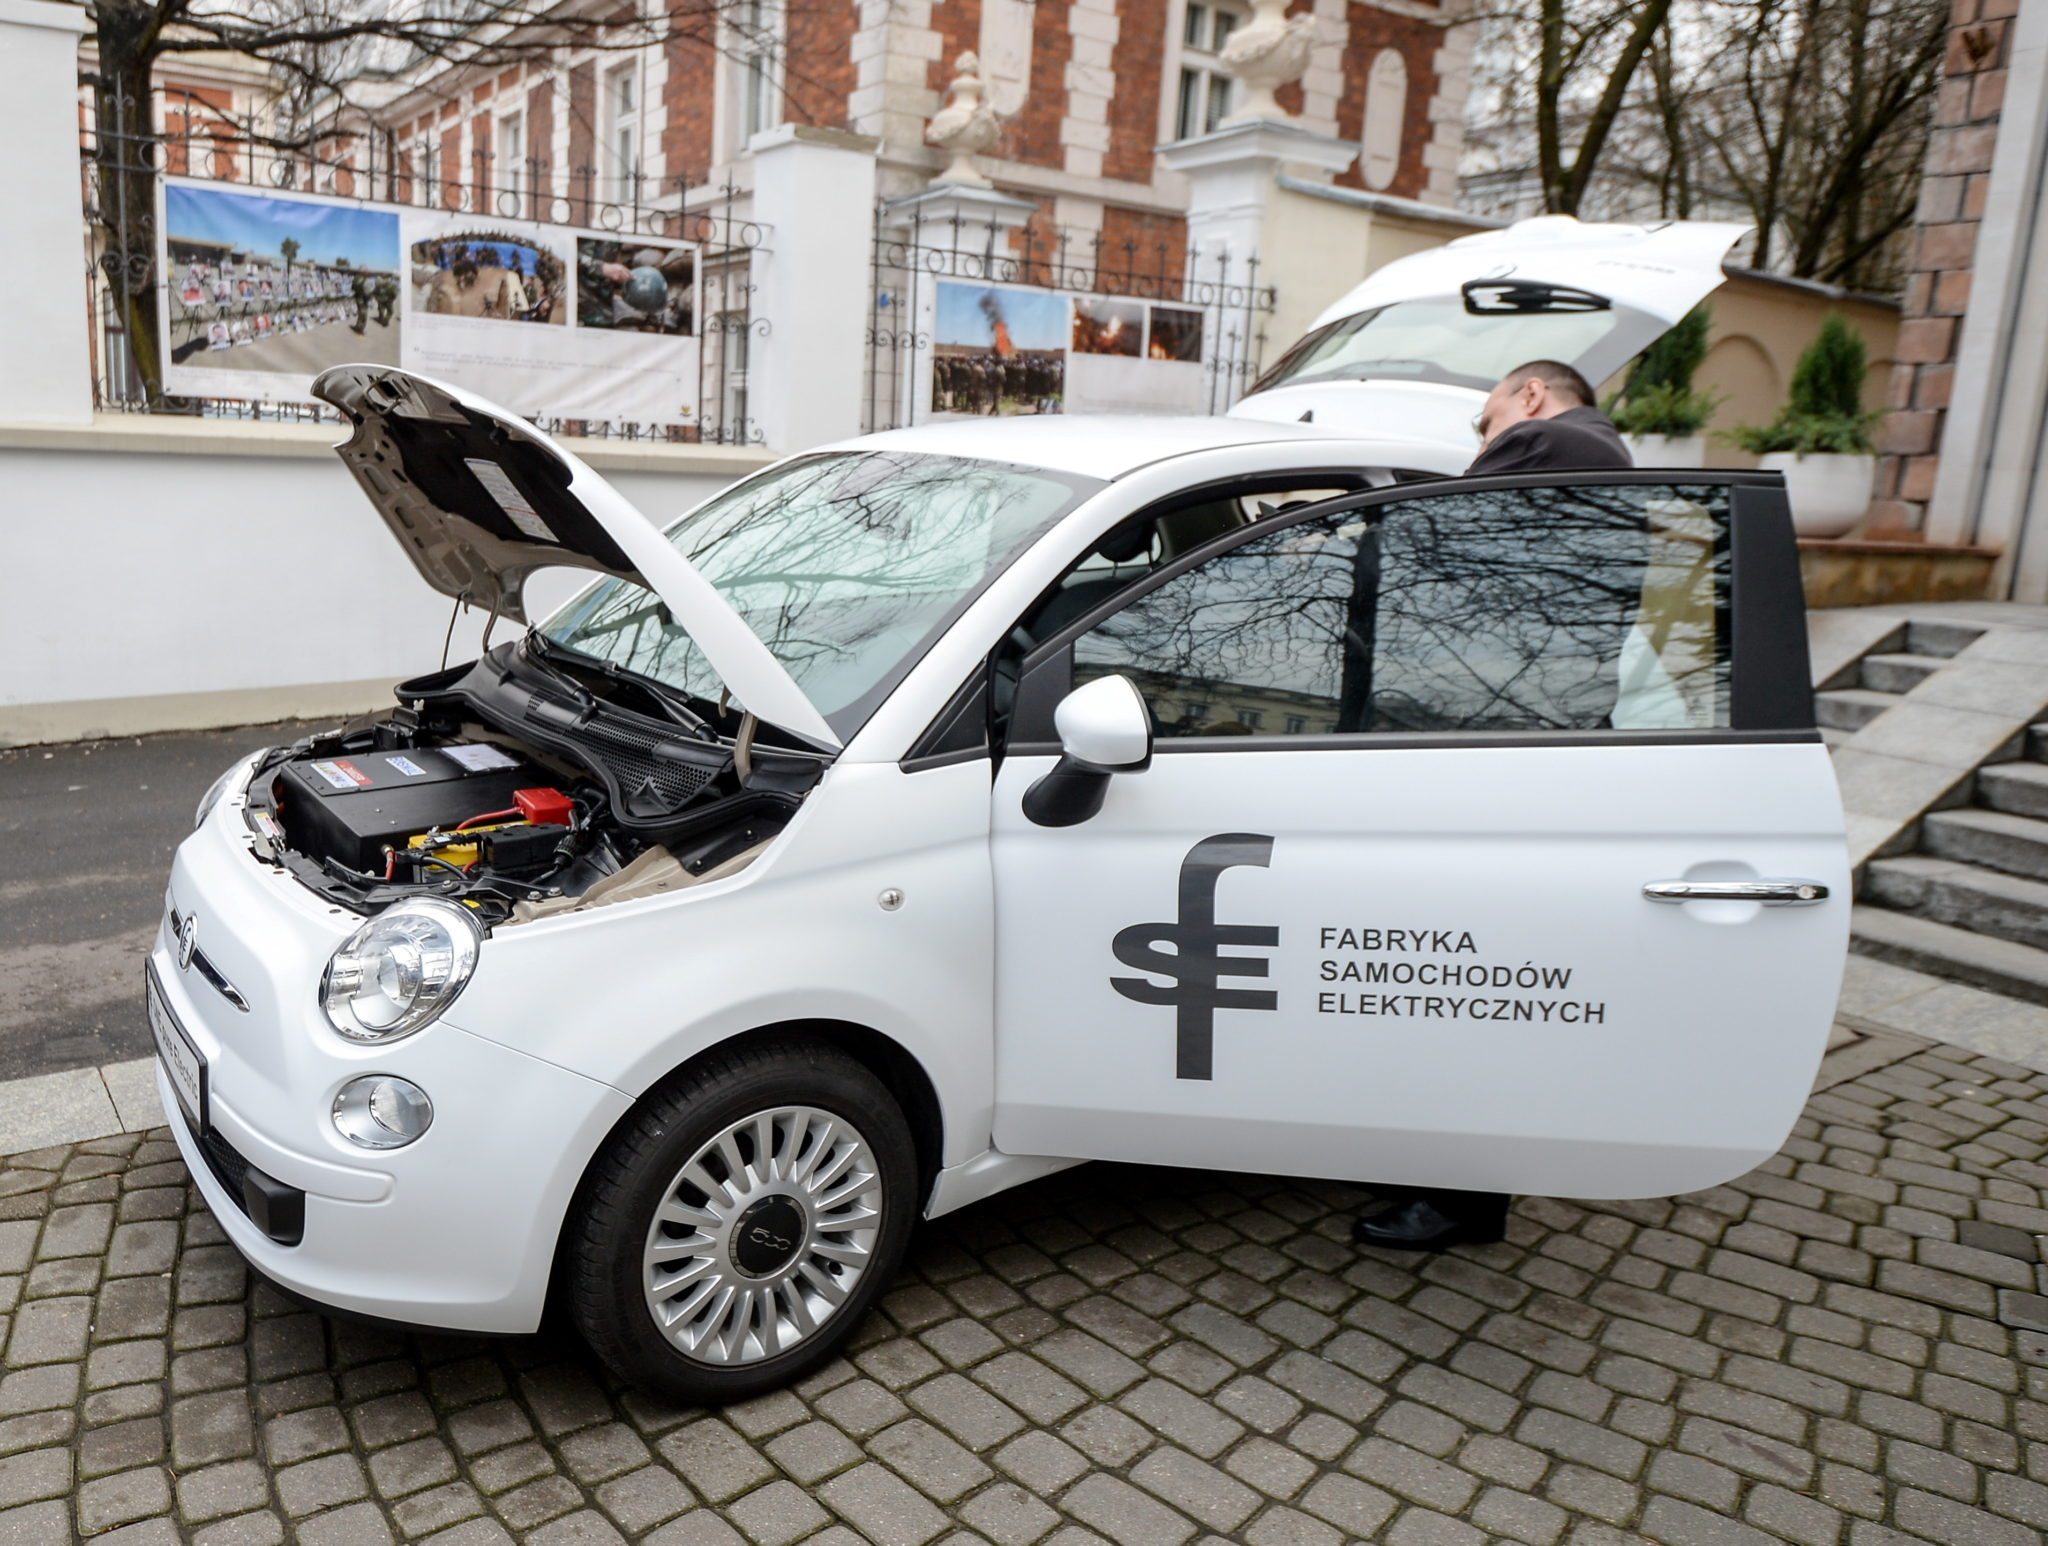 Polska: prezentacja pierwszego polskiego samochodu elektrycznego w Warszawie (foto. PAP/PAP/Marcin Obara)